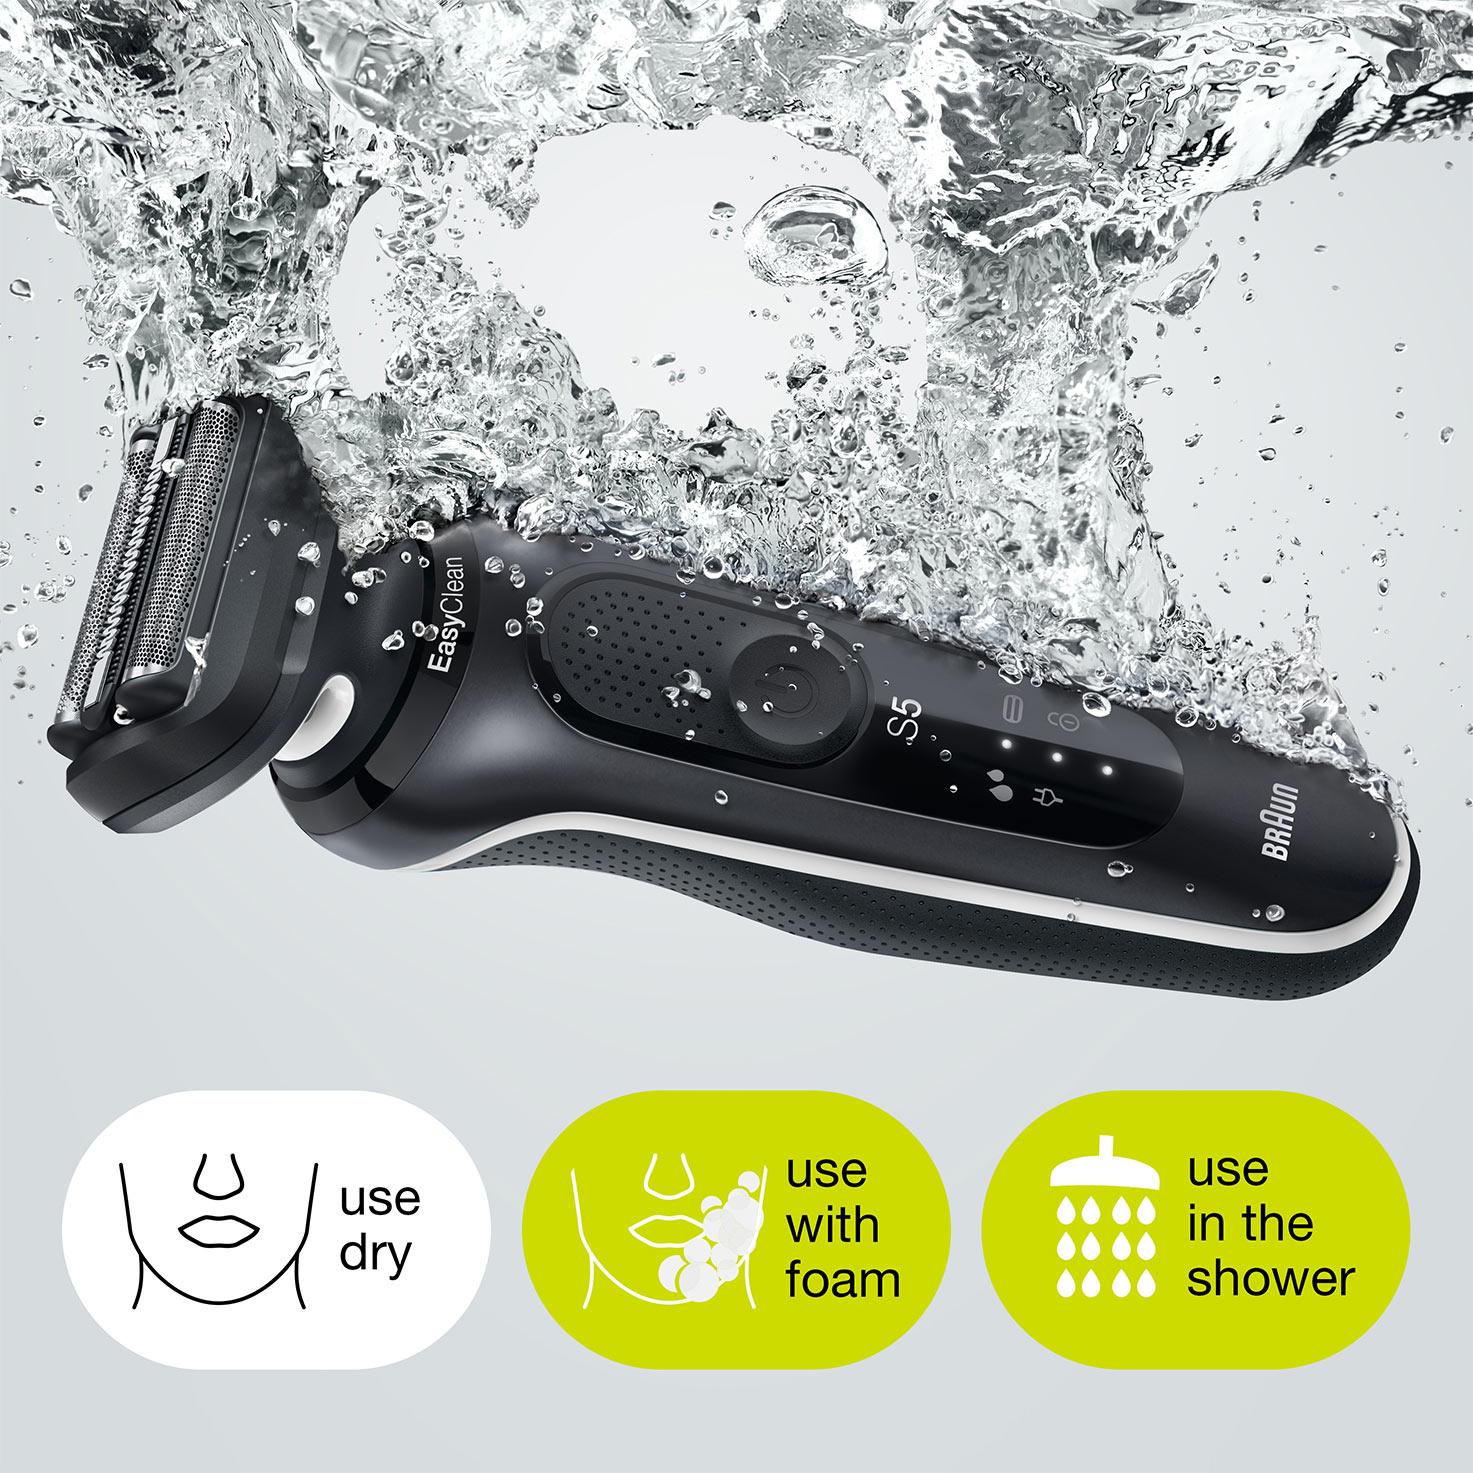 100%-ban vízálló Wet&Dry használatra